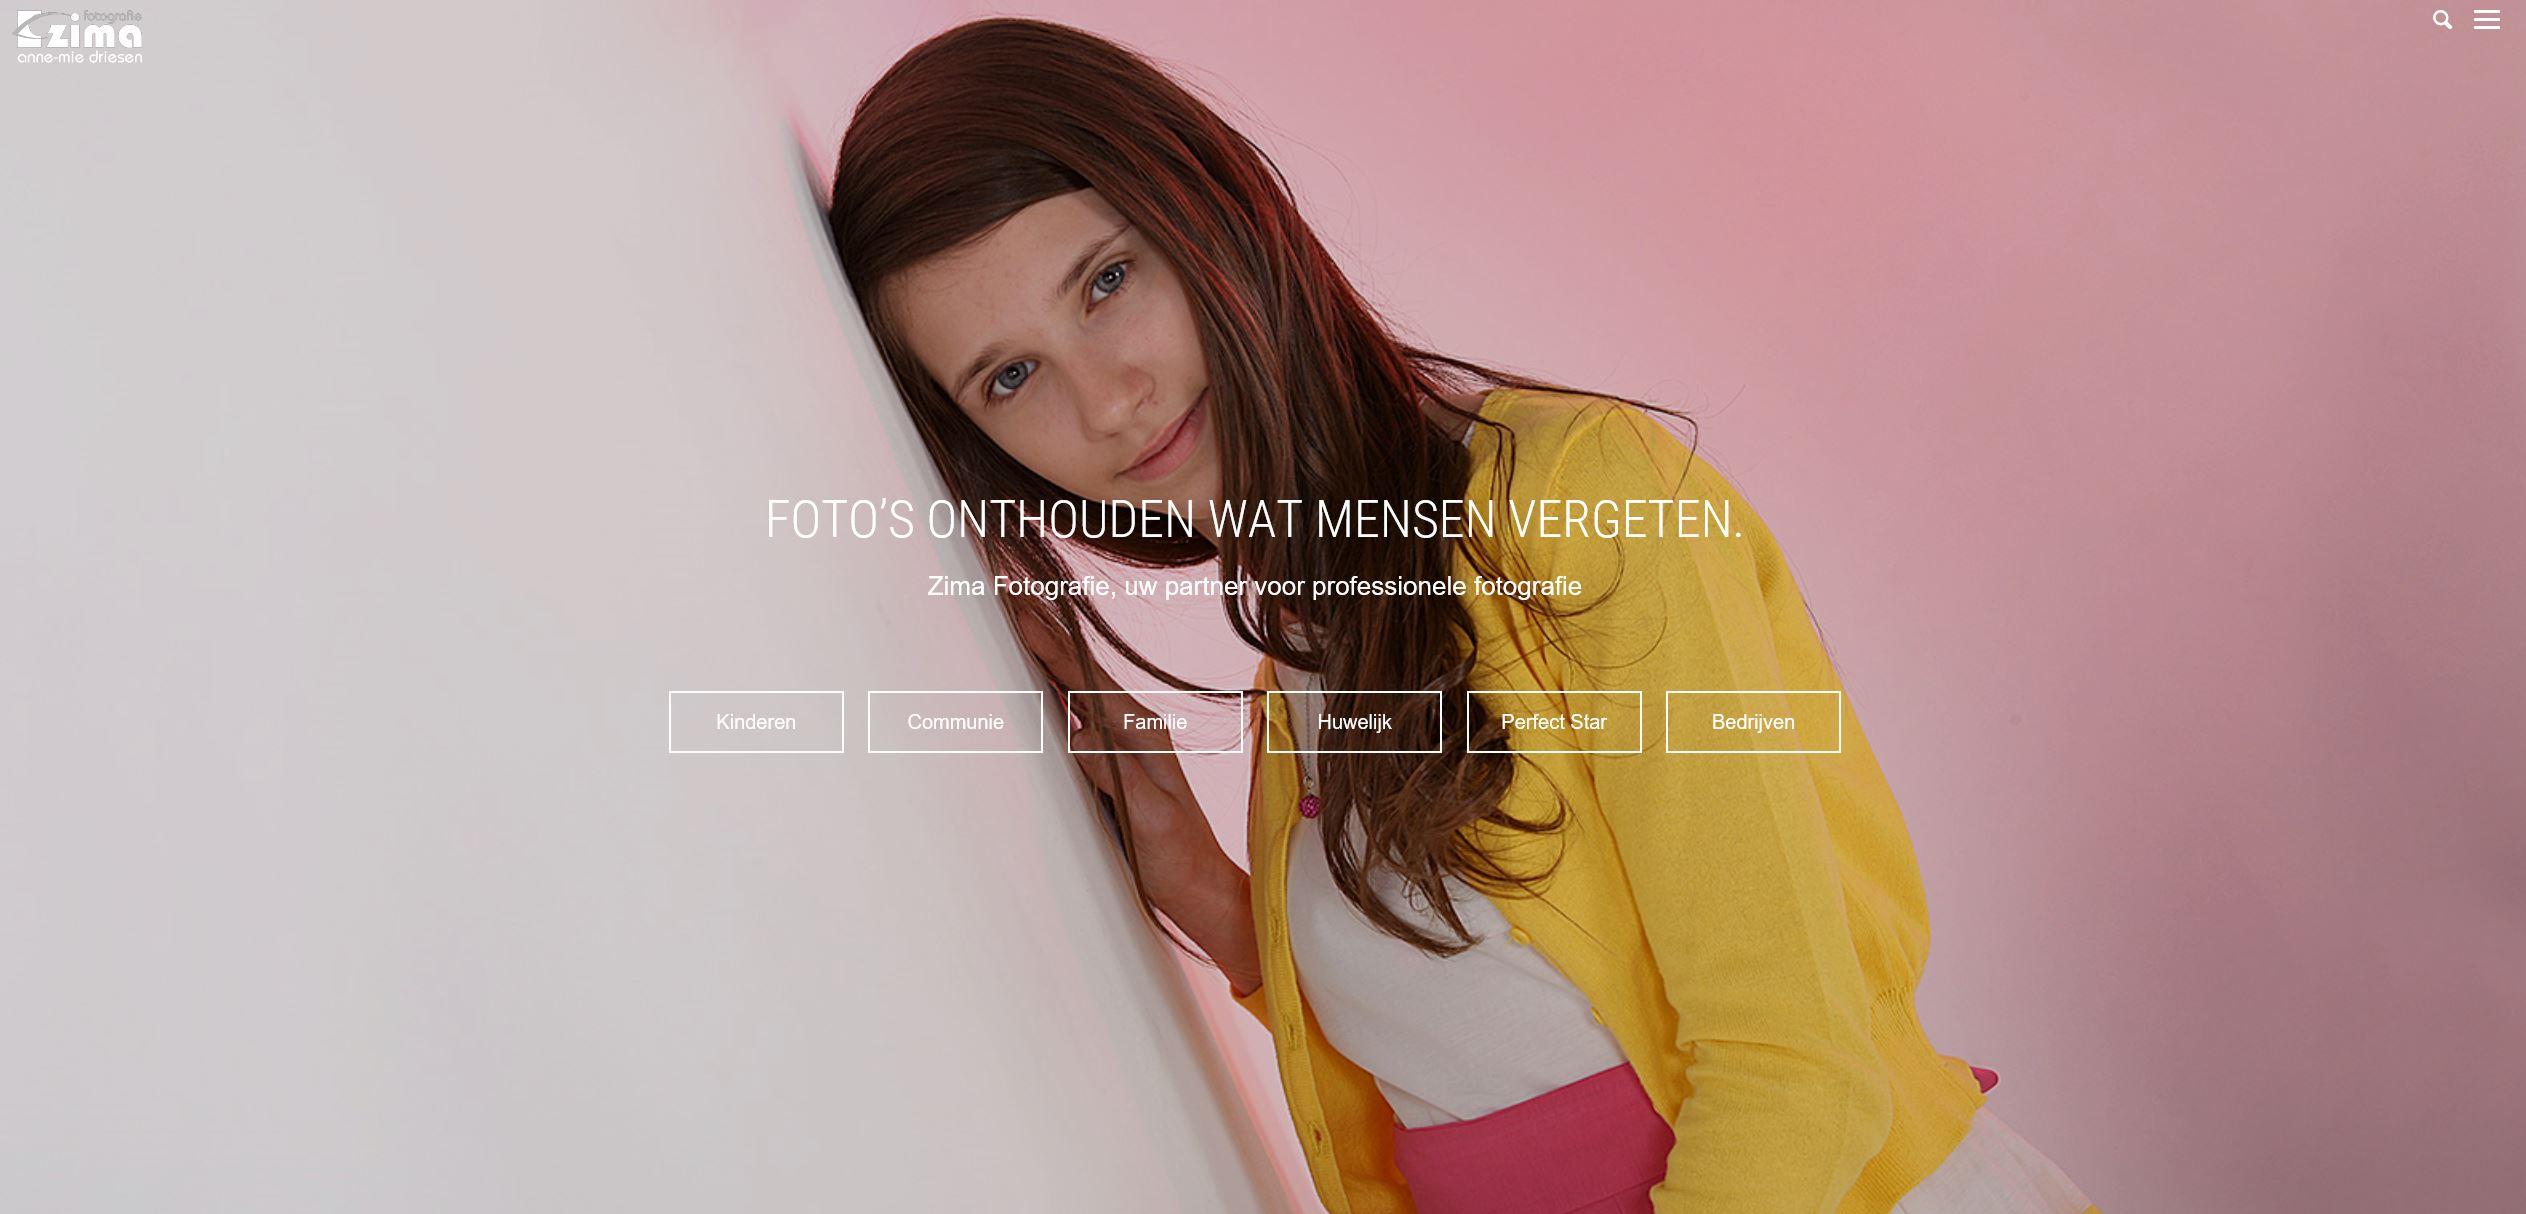 Zima Fotografie background image